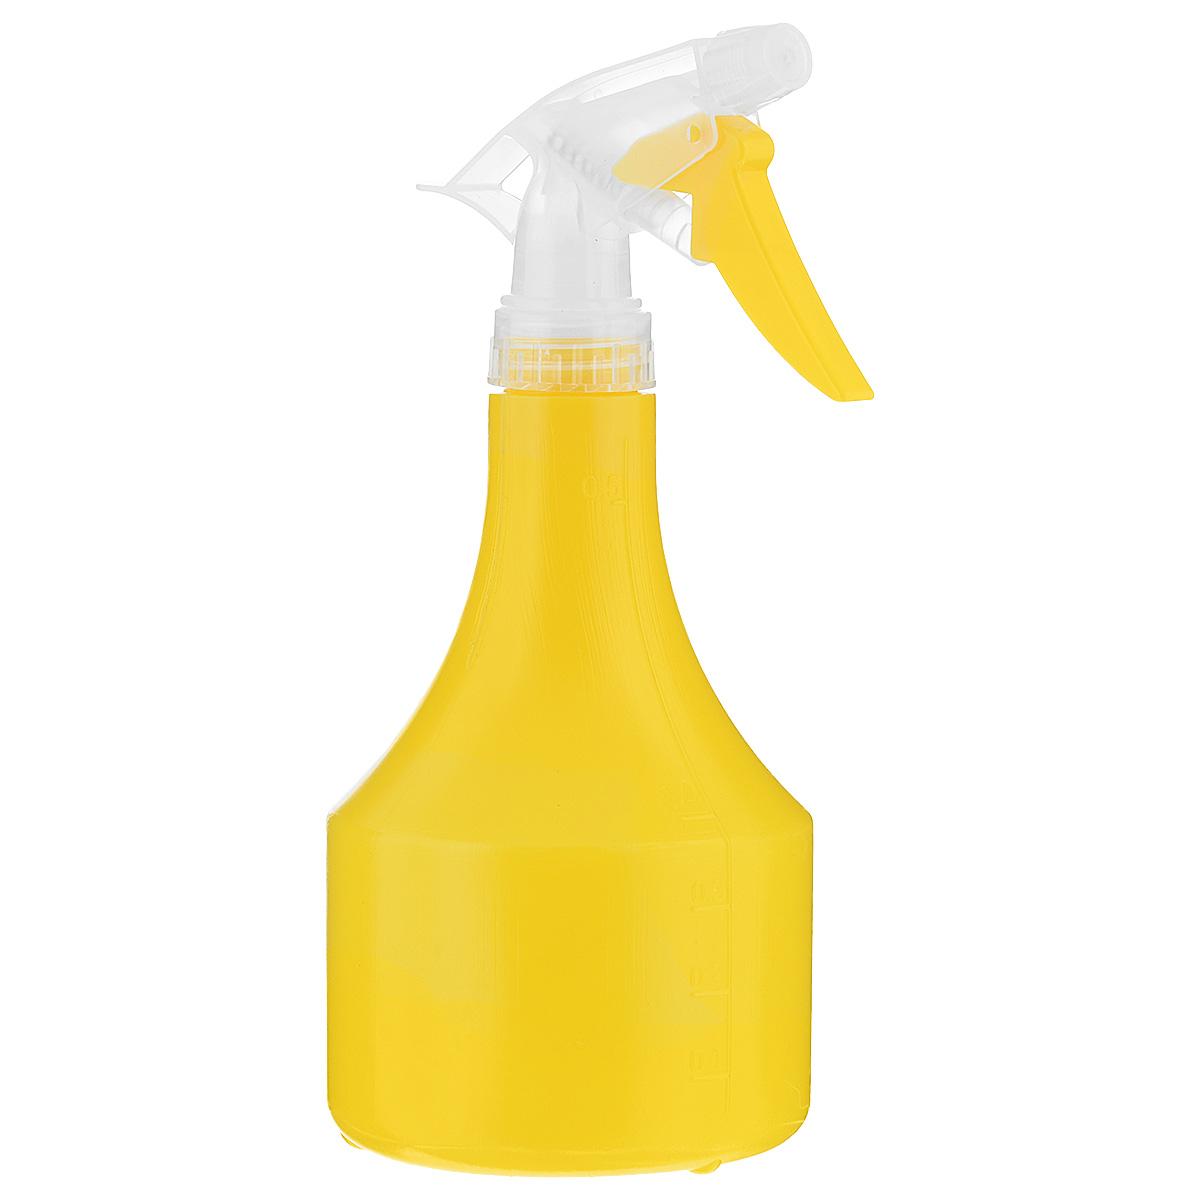 Опрыскиватель Idea Капля, цвет: желтый, 0,5 лМ 2147Опрыскиватель Idea Капля имеет форму в виде капли. Изготовлен из полипропилена и всегда поможет вам в уходе за вашими любимыми растениями. Объем: 0,5 л. Высота: 21,5 см.